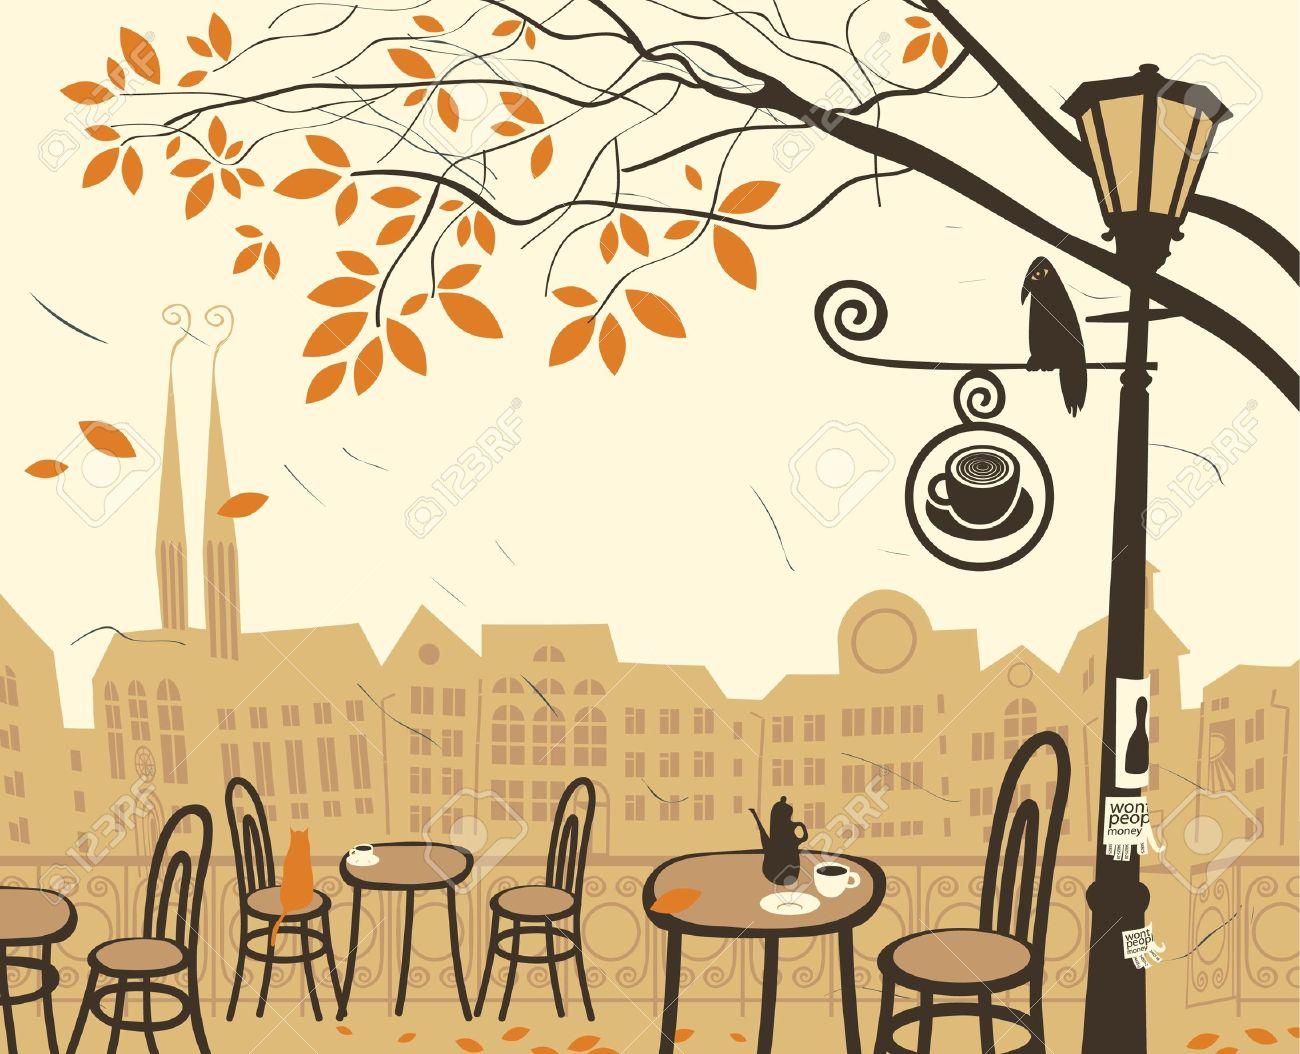 ストリート カフェのある秋の風景のイラスト素材 ベクタ Image